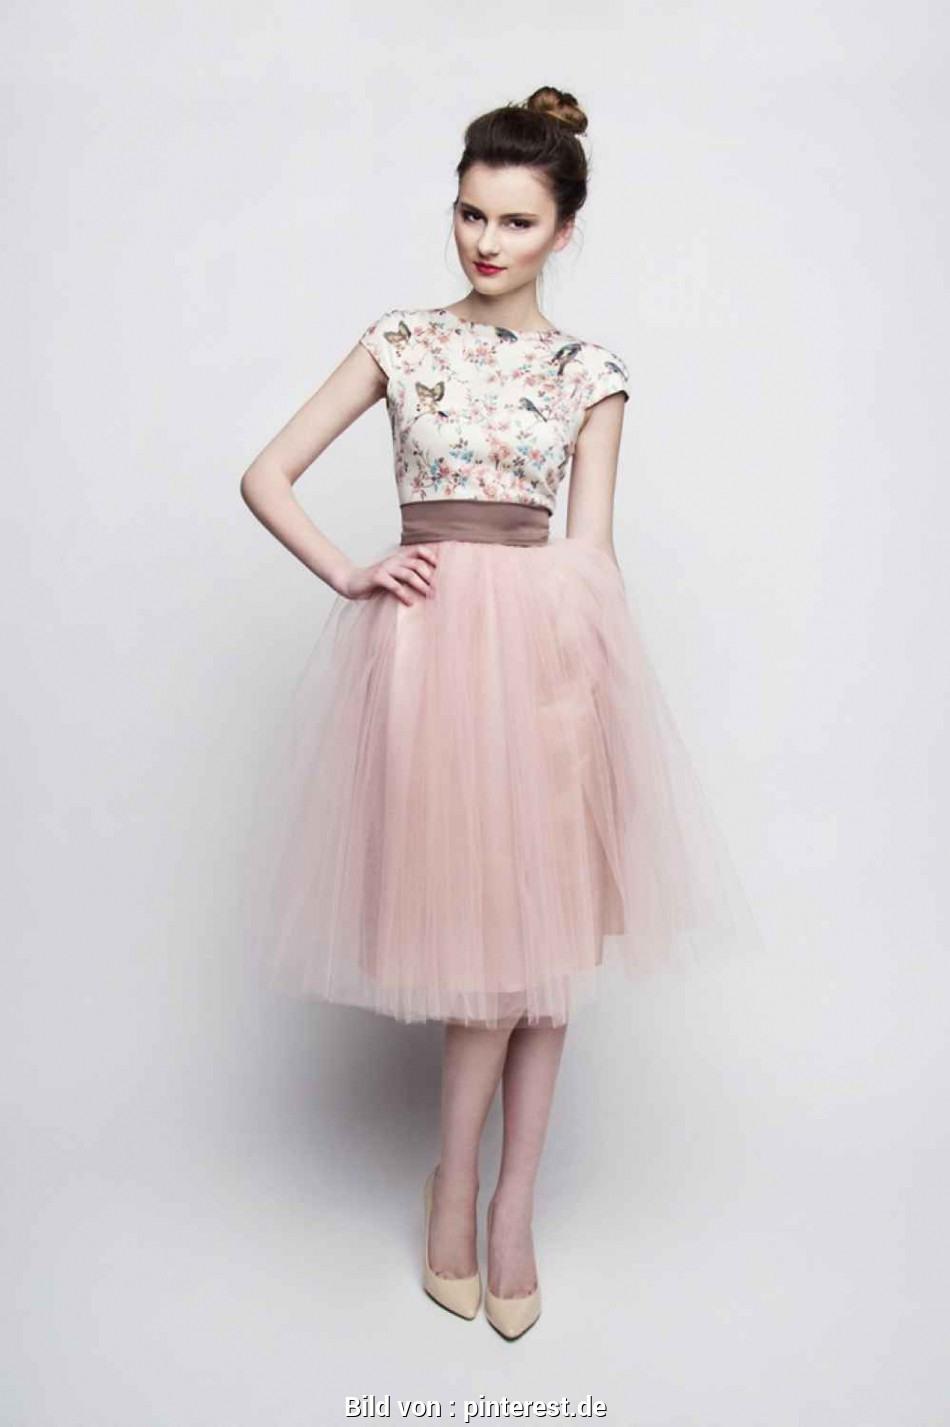 Erstaunlich Vintage Abend Kleider Galerie Genial Vintage Abend Kleider Spezialgebiet